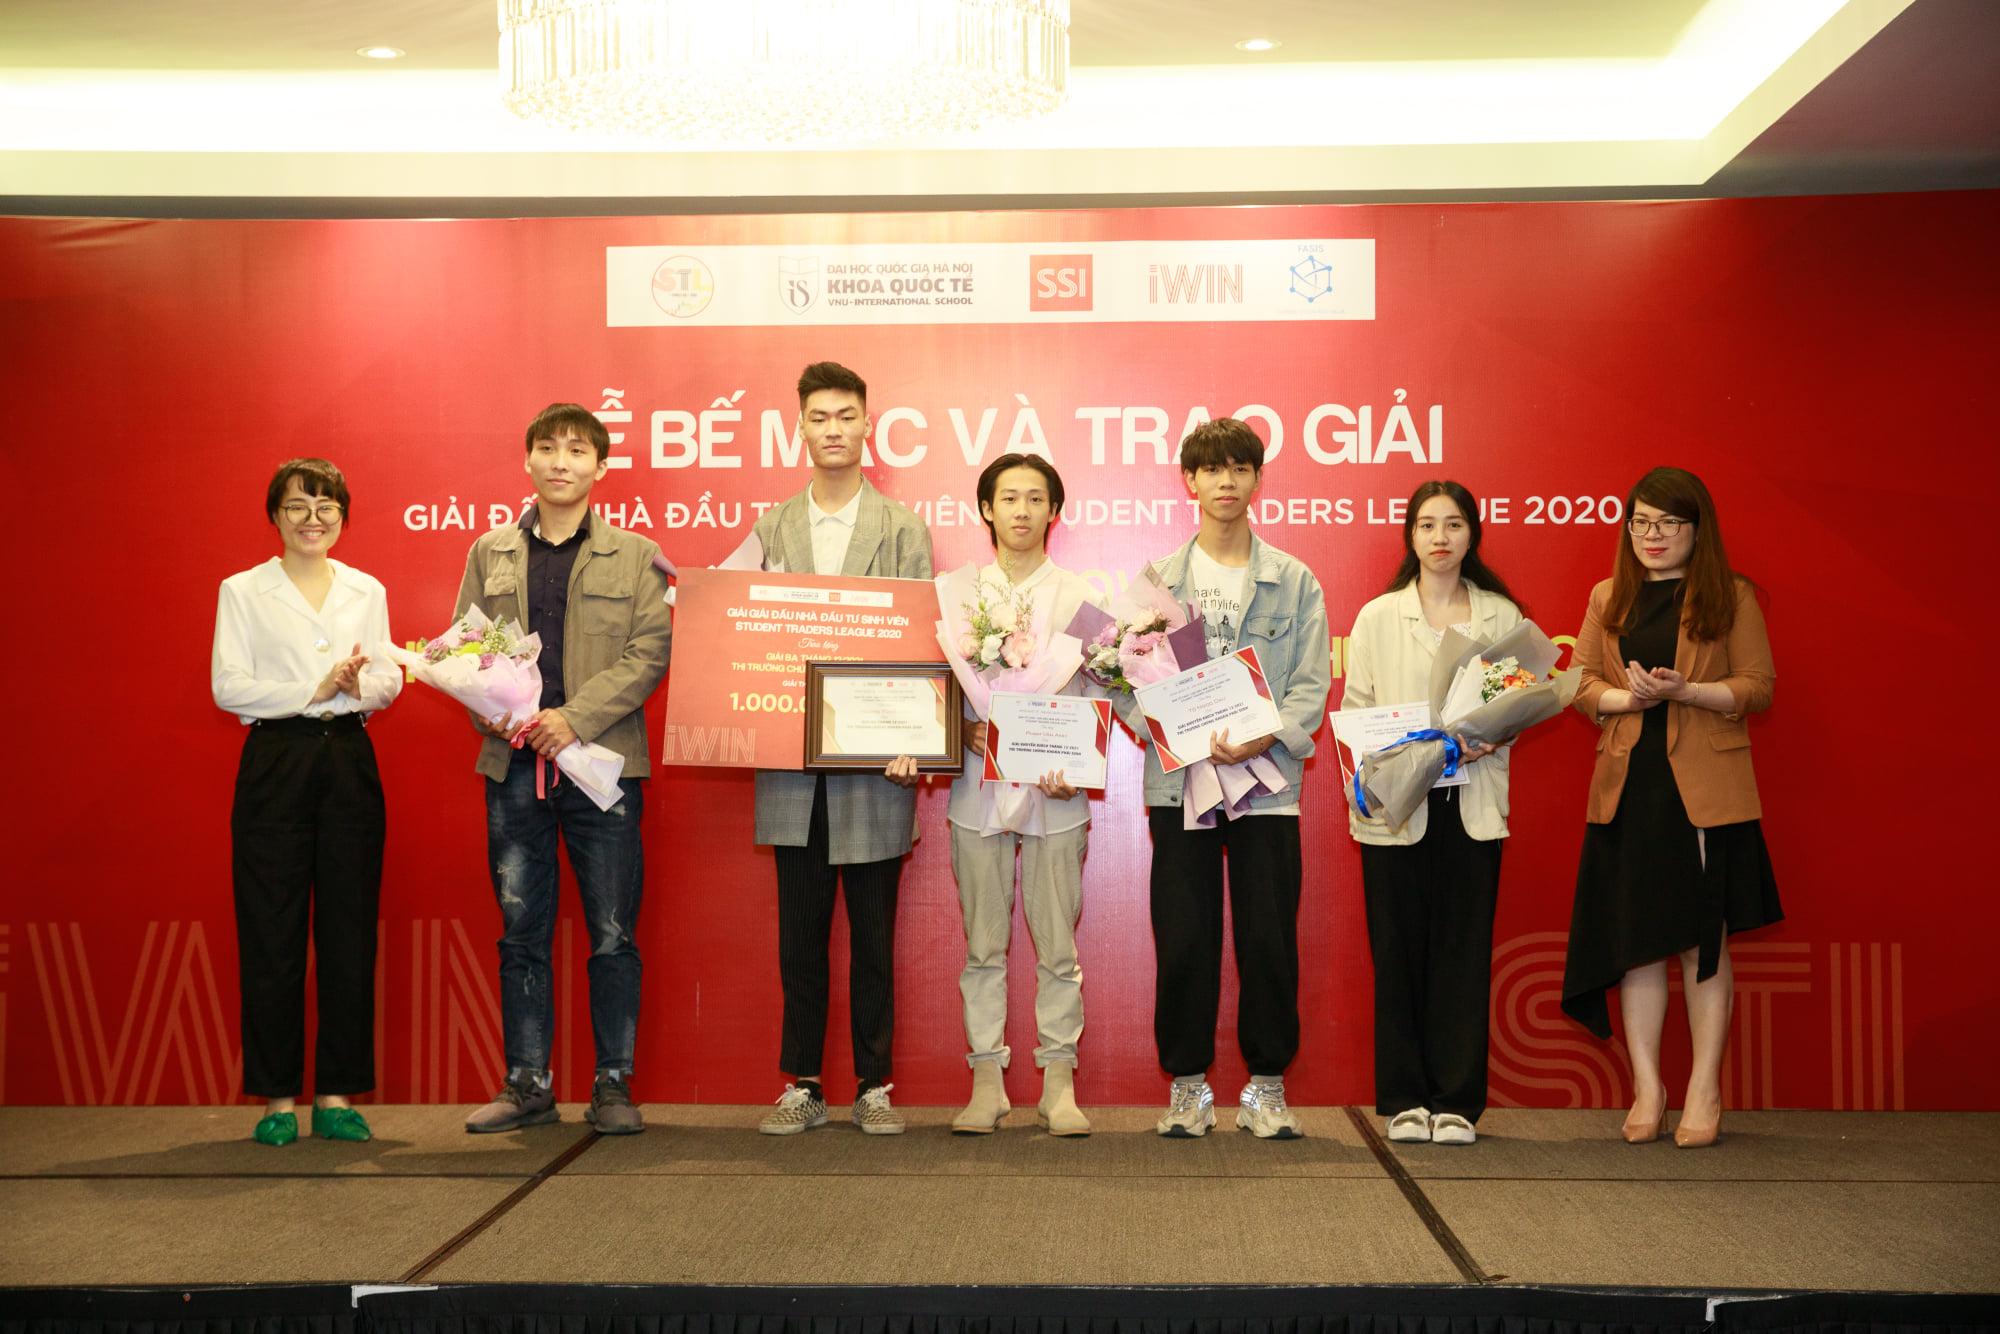 Một số thí sinh đạt giải trong Giải đấu Nhà đầu tư sinh viên 2020 | Ảnh: BTC